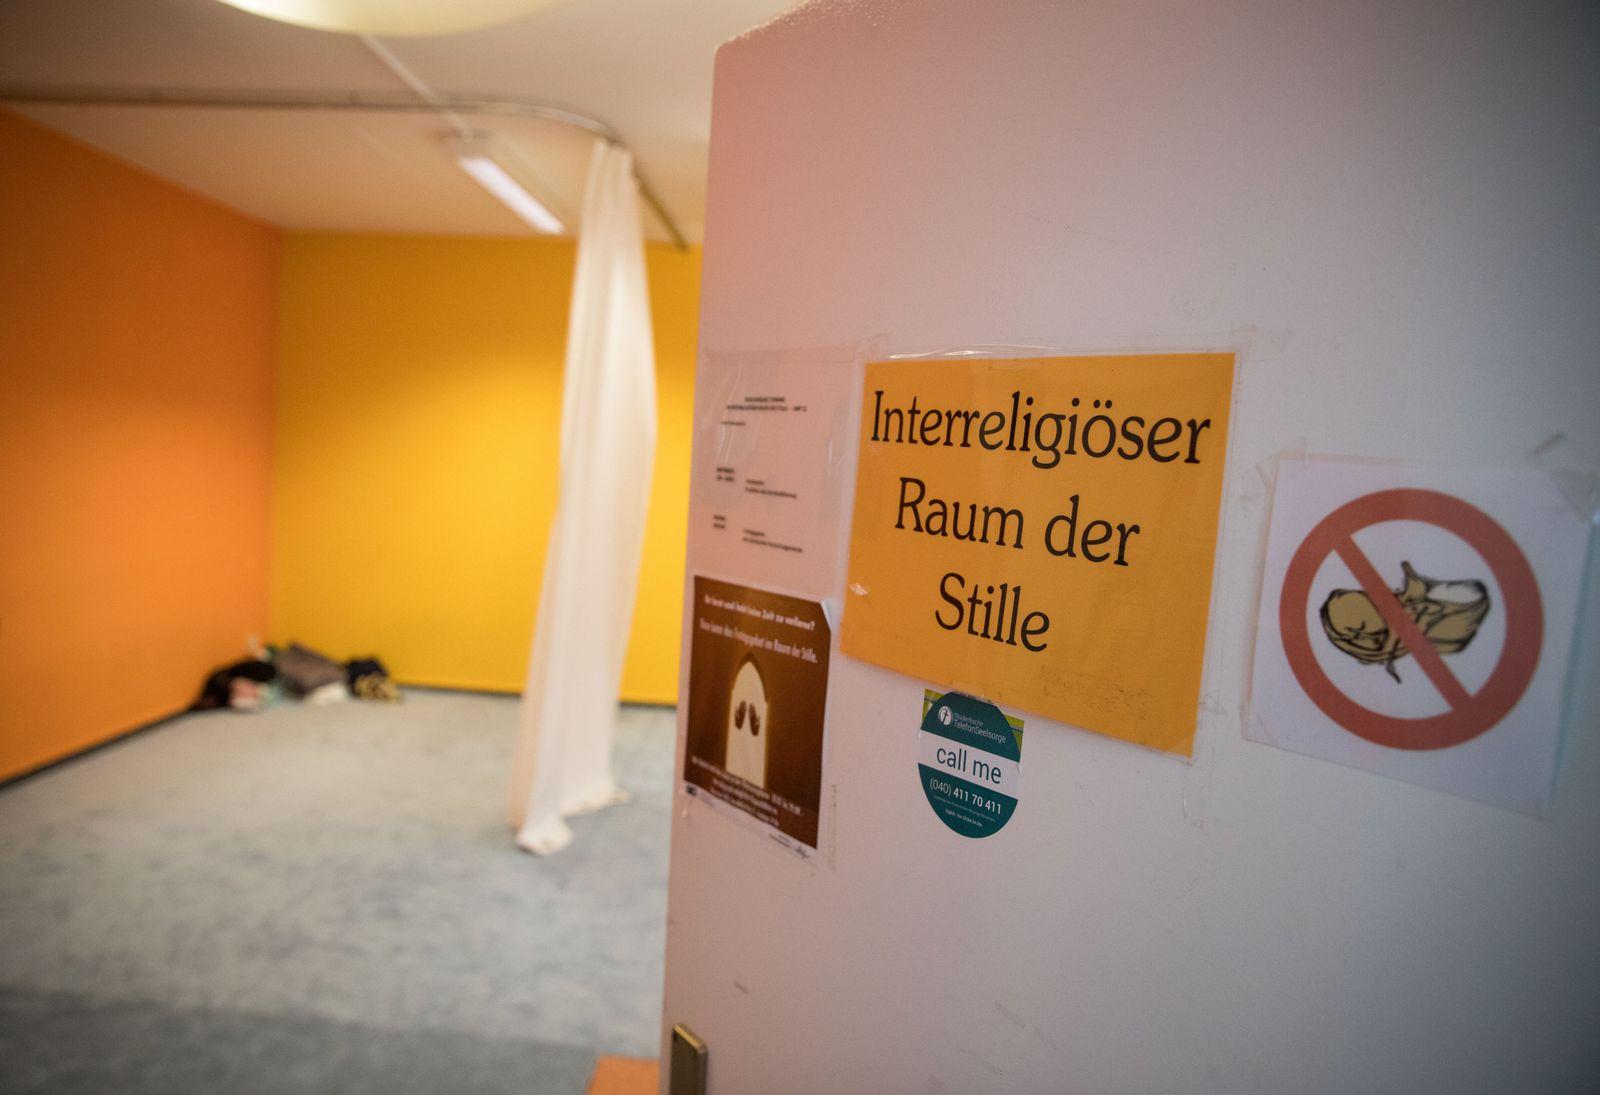 Verhaltenskodex zur Religionsausübung an Uni Hamburg